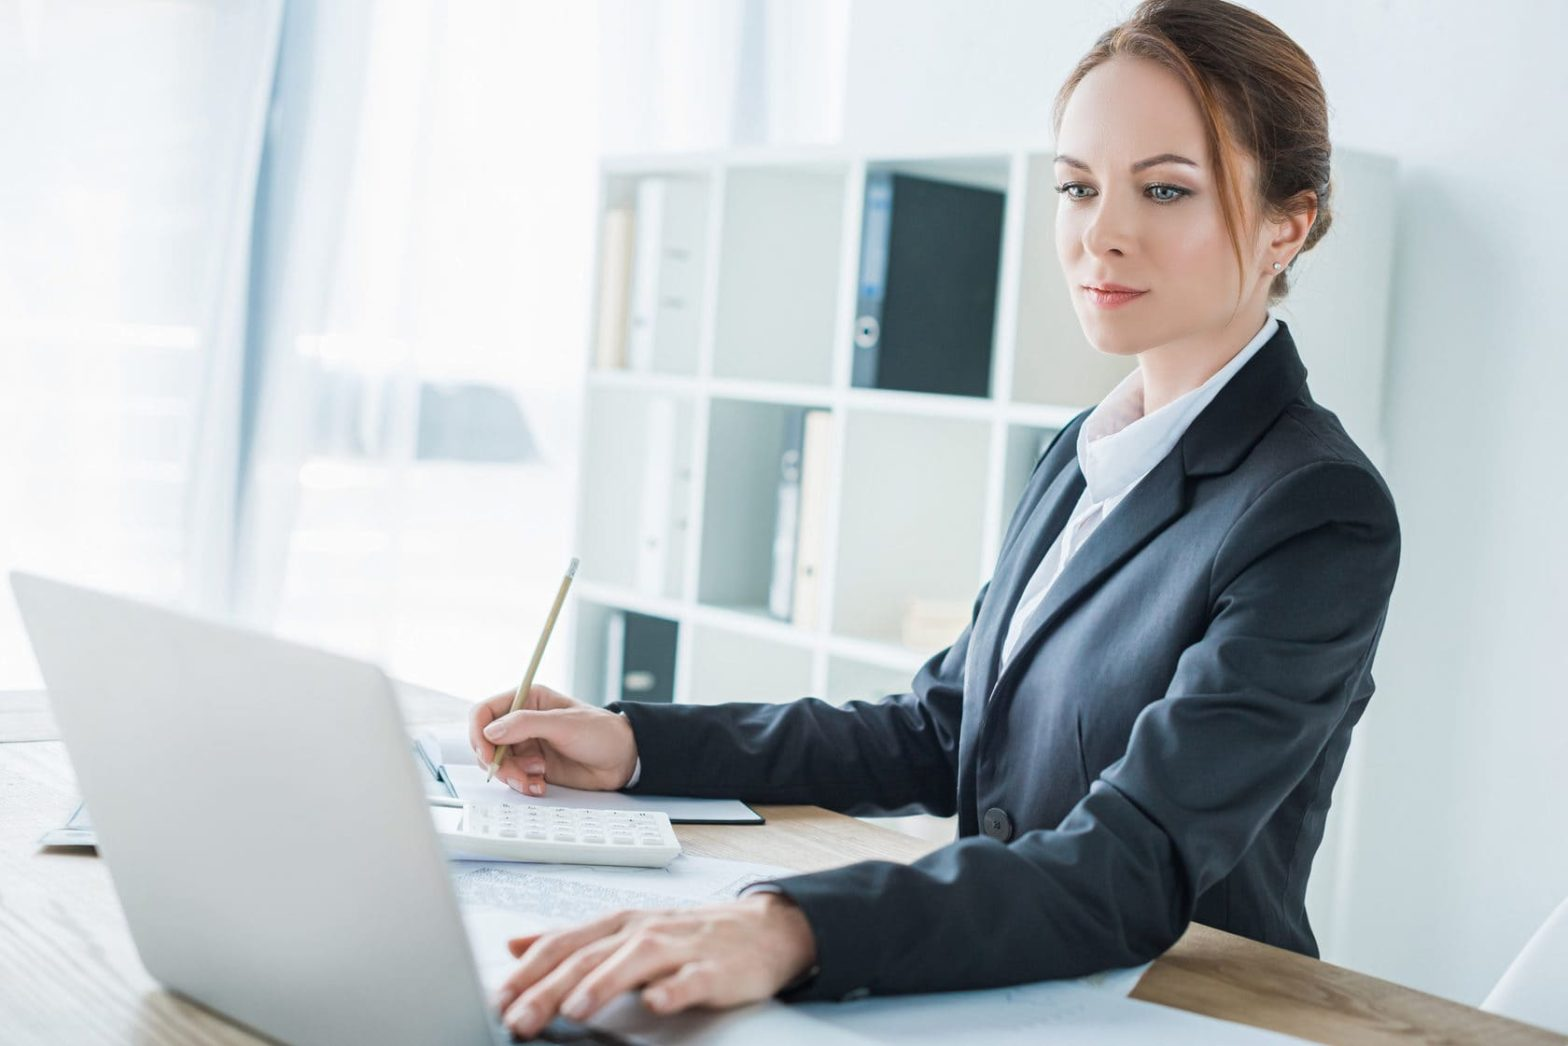 вакансии бухгалтер в москве удаленная работа